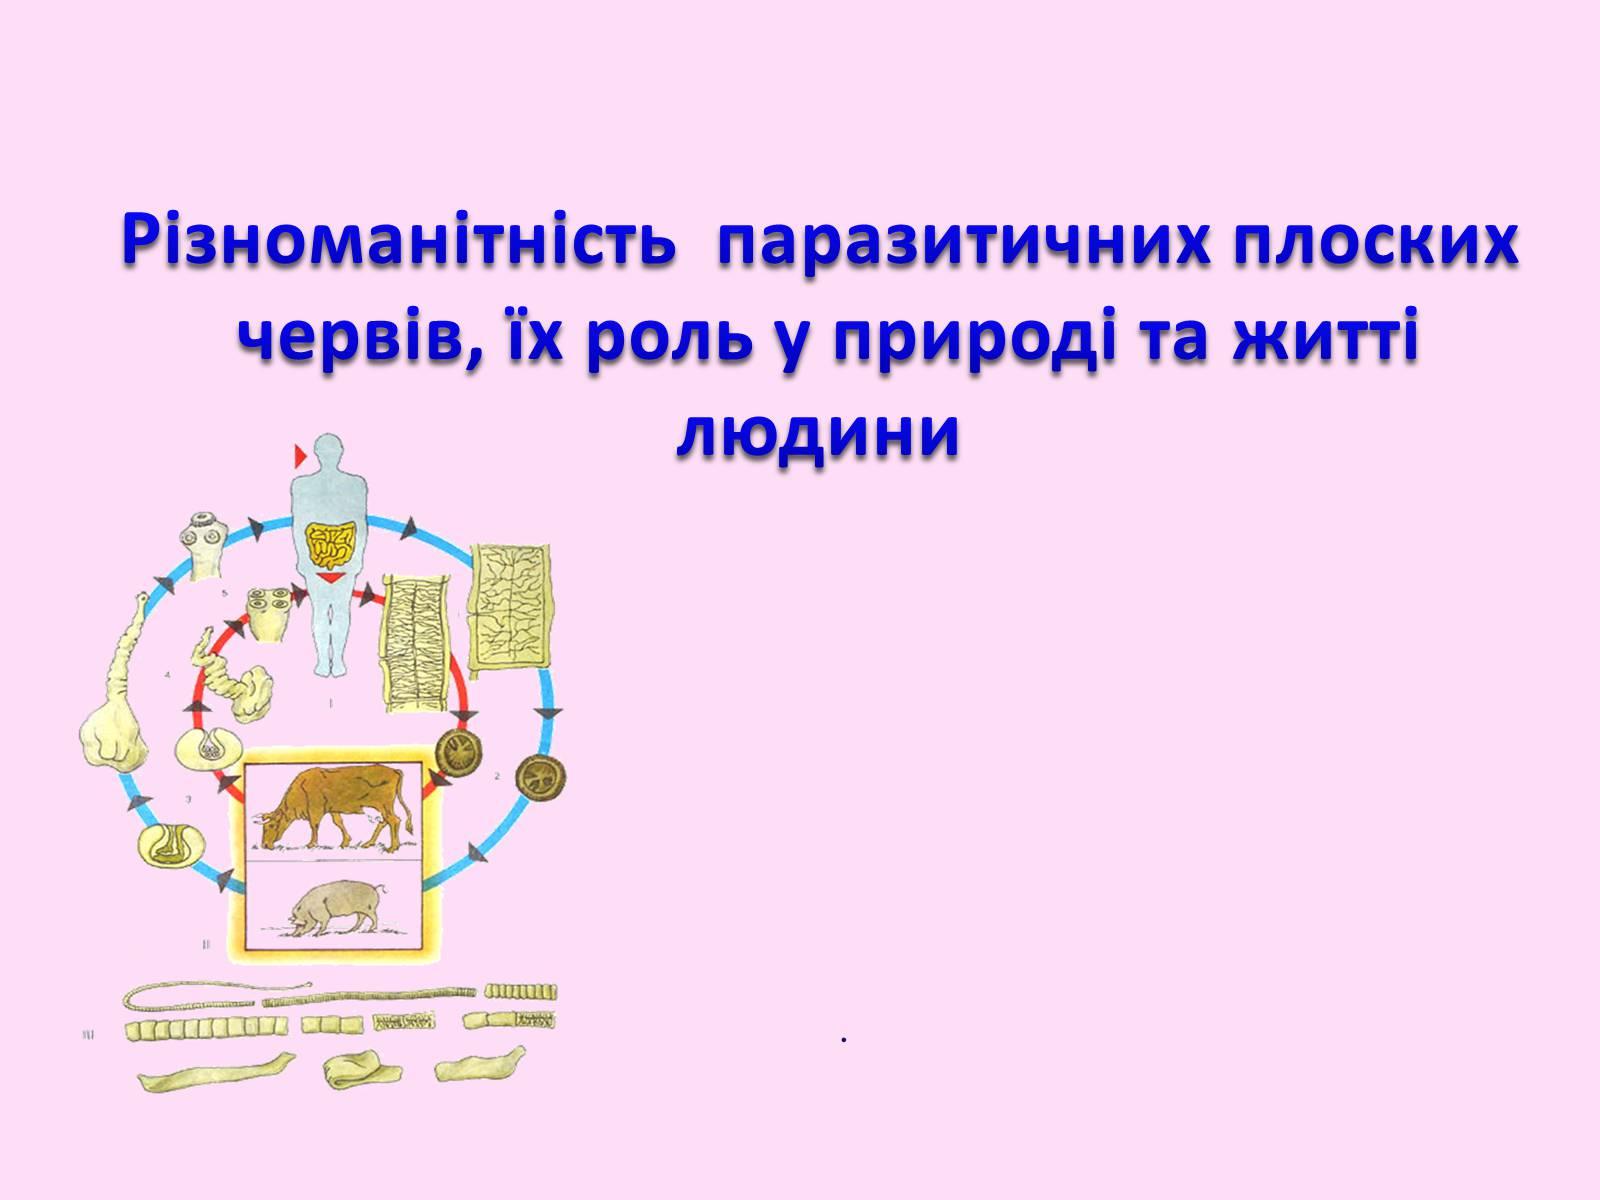 Презентація паразитичні черви захворювання людей